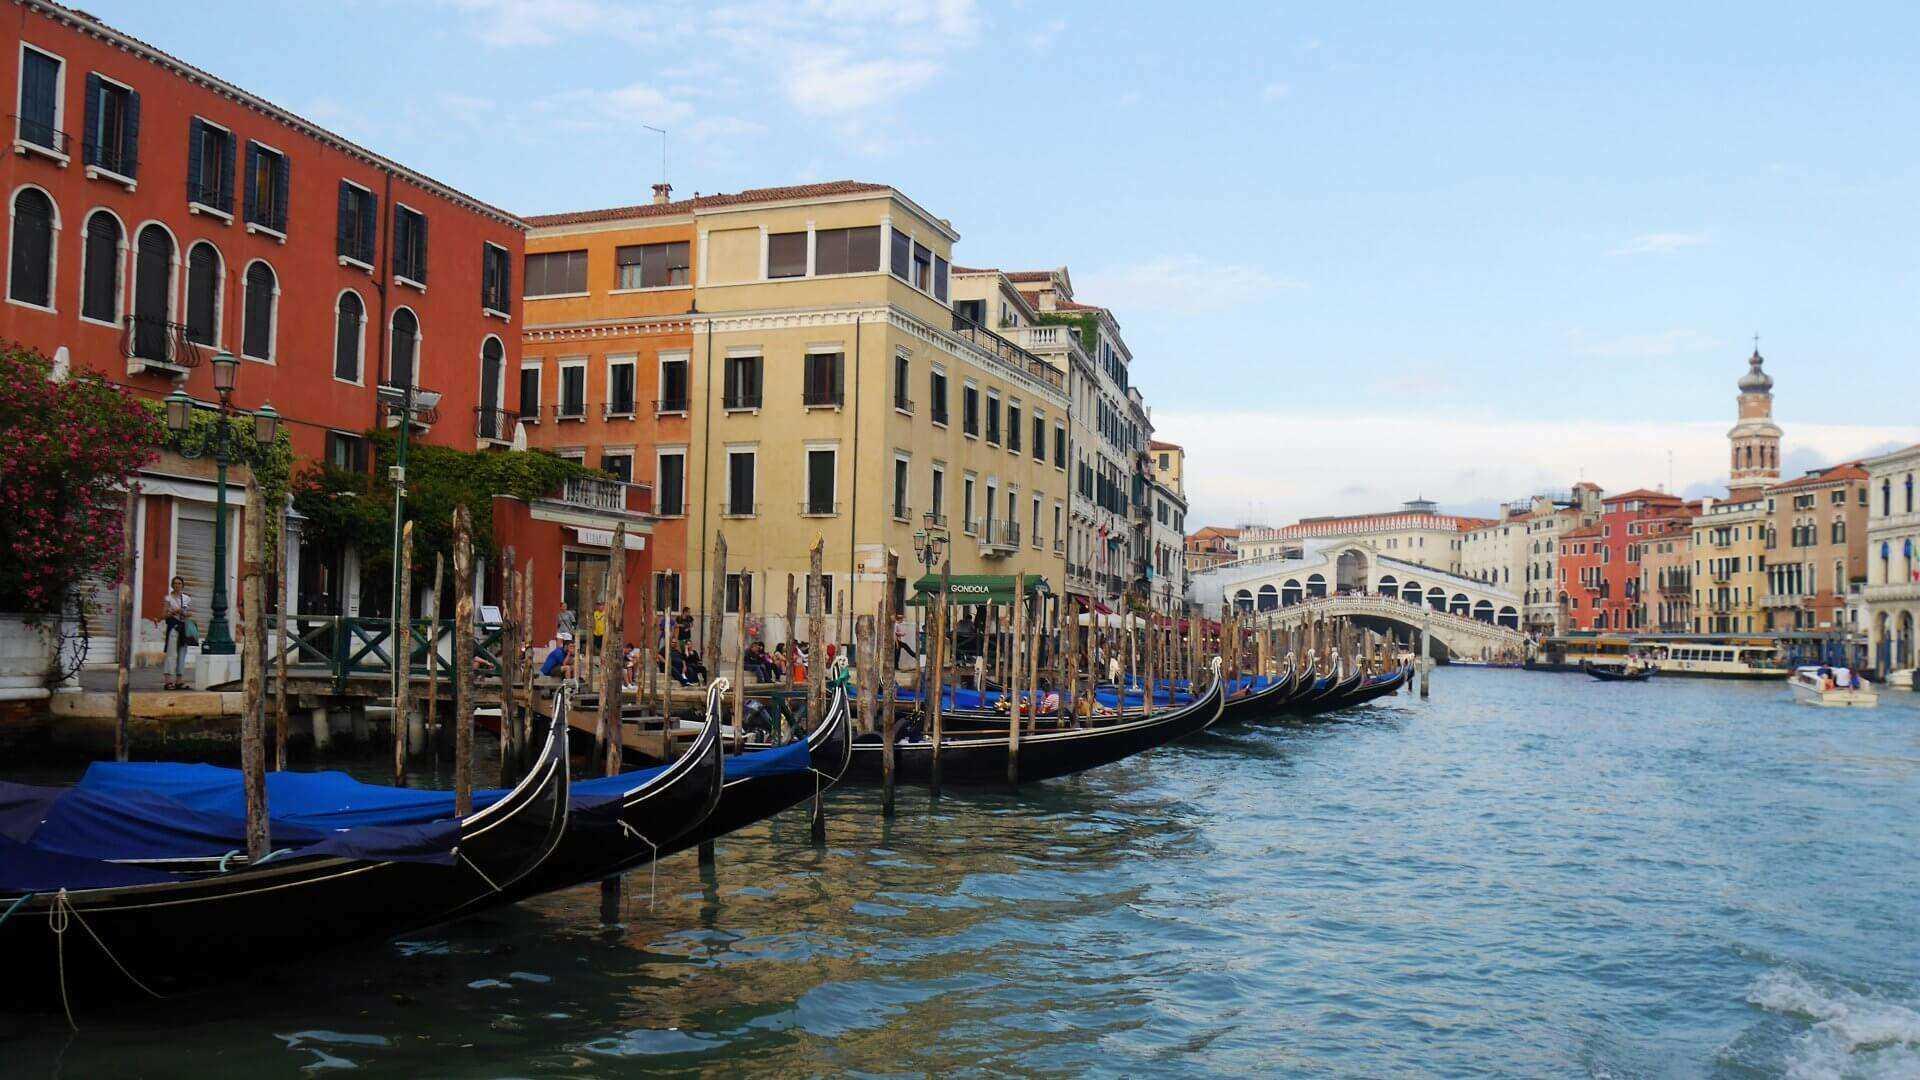 Direktflüge und Billigflüge ab Wien nach Venedig